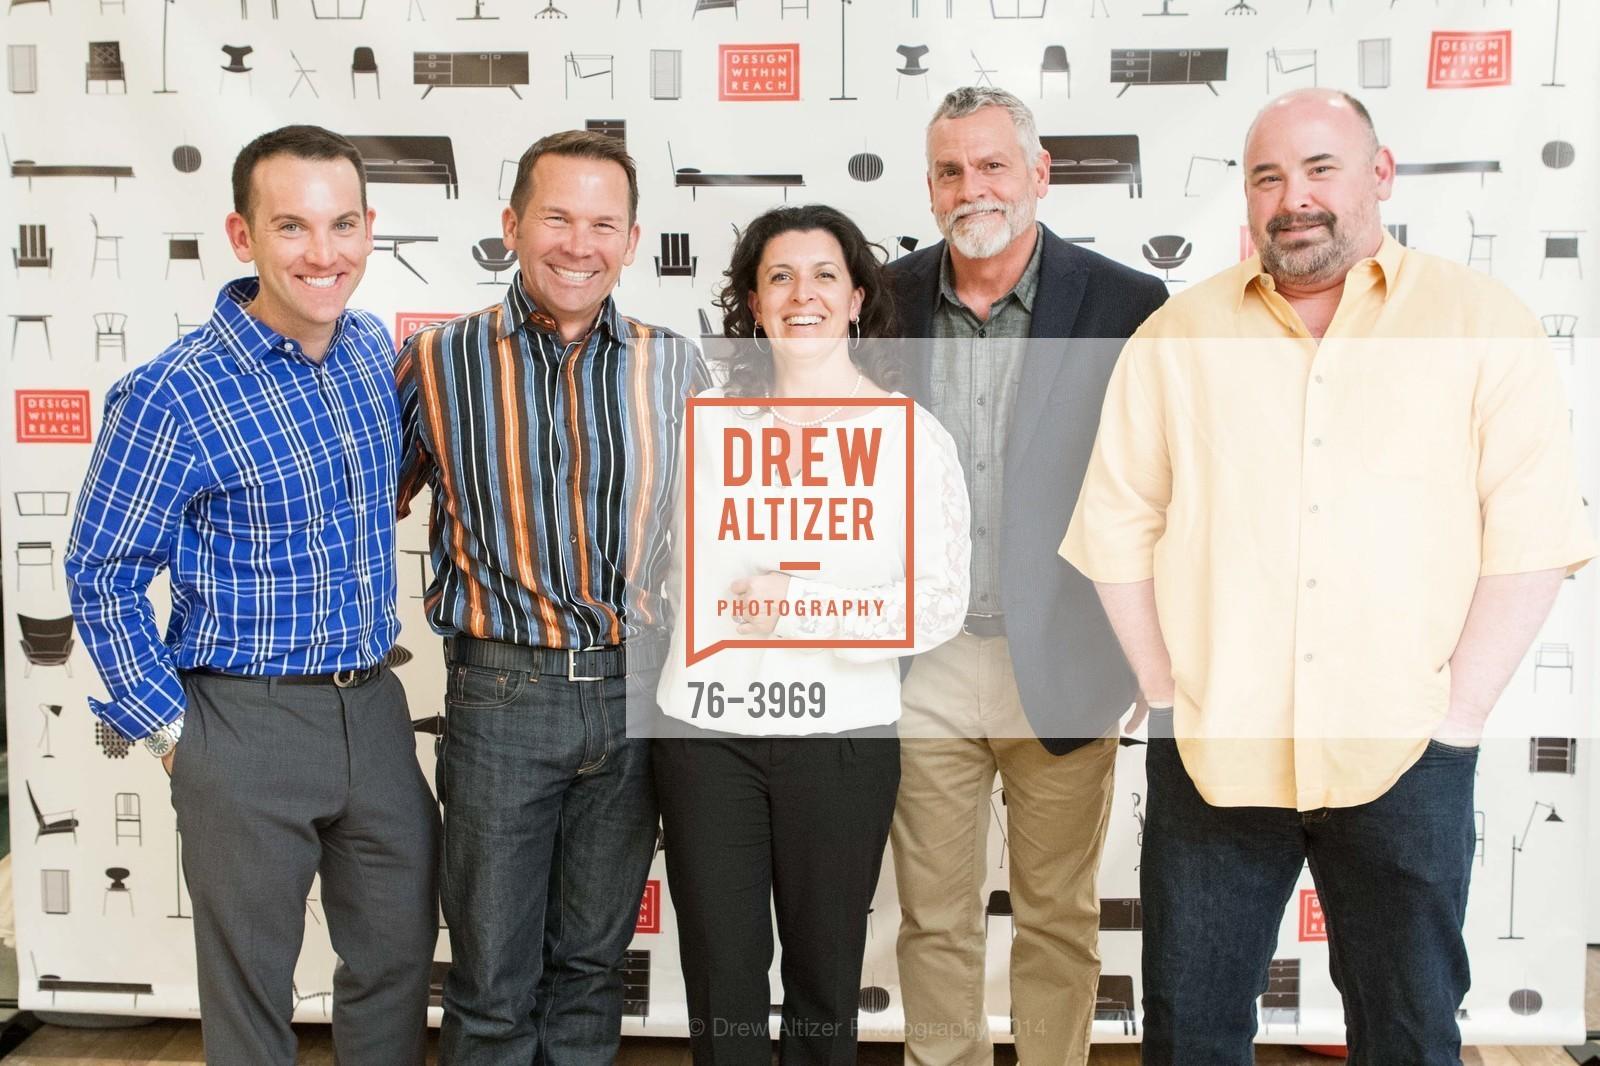 Matt Woebcke, Michael Kinsella, Brandi Tribulato, Greg DeMeza, Joey Lang, Photo #76-3969